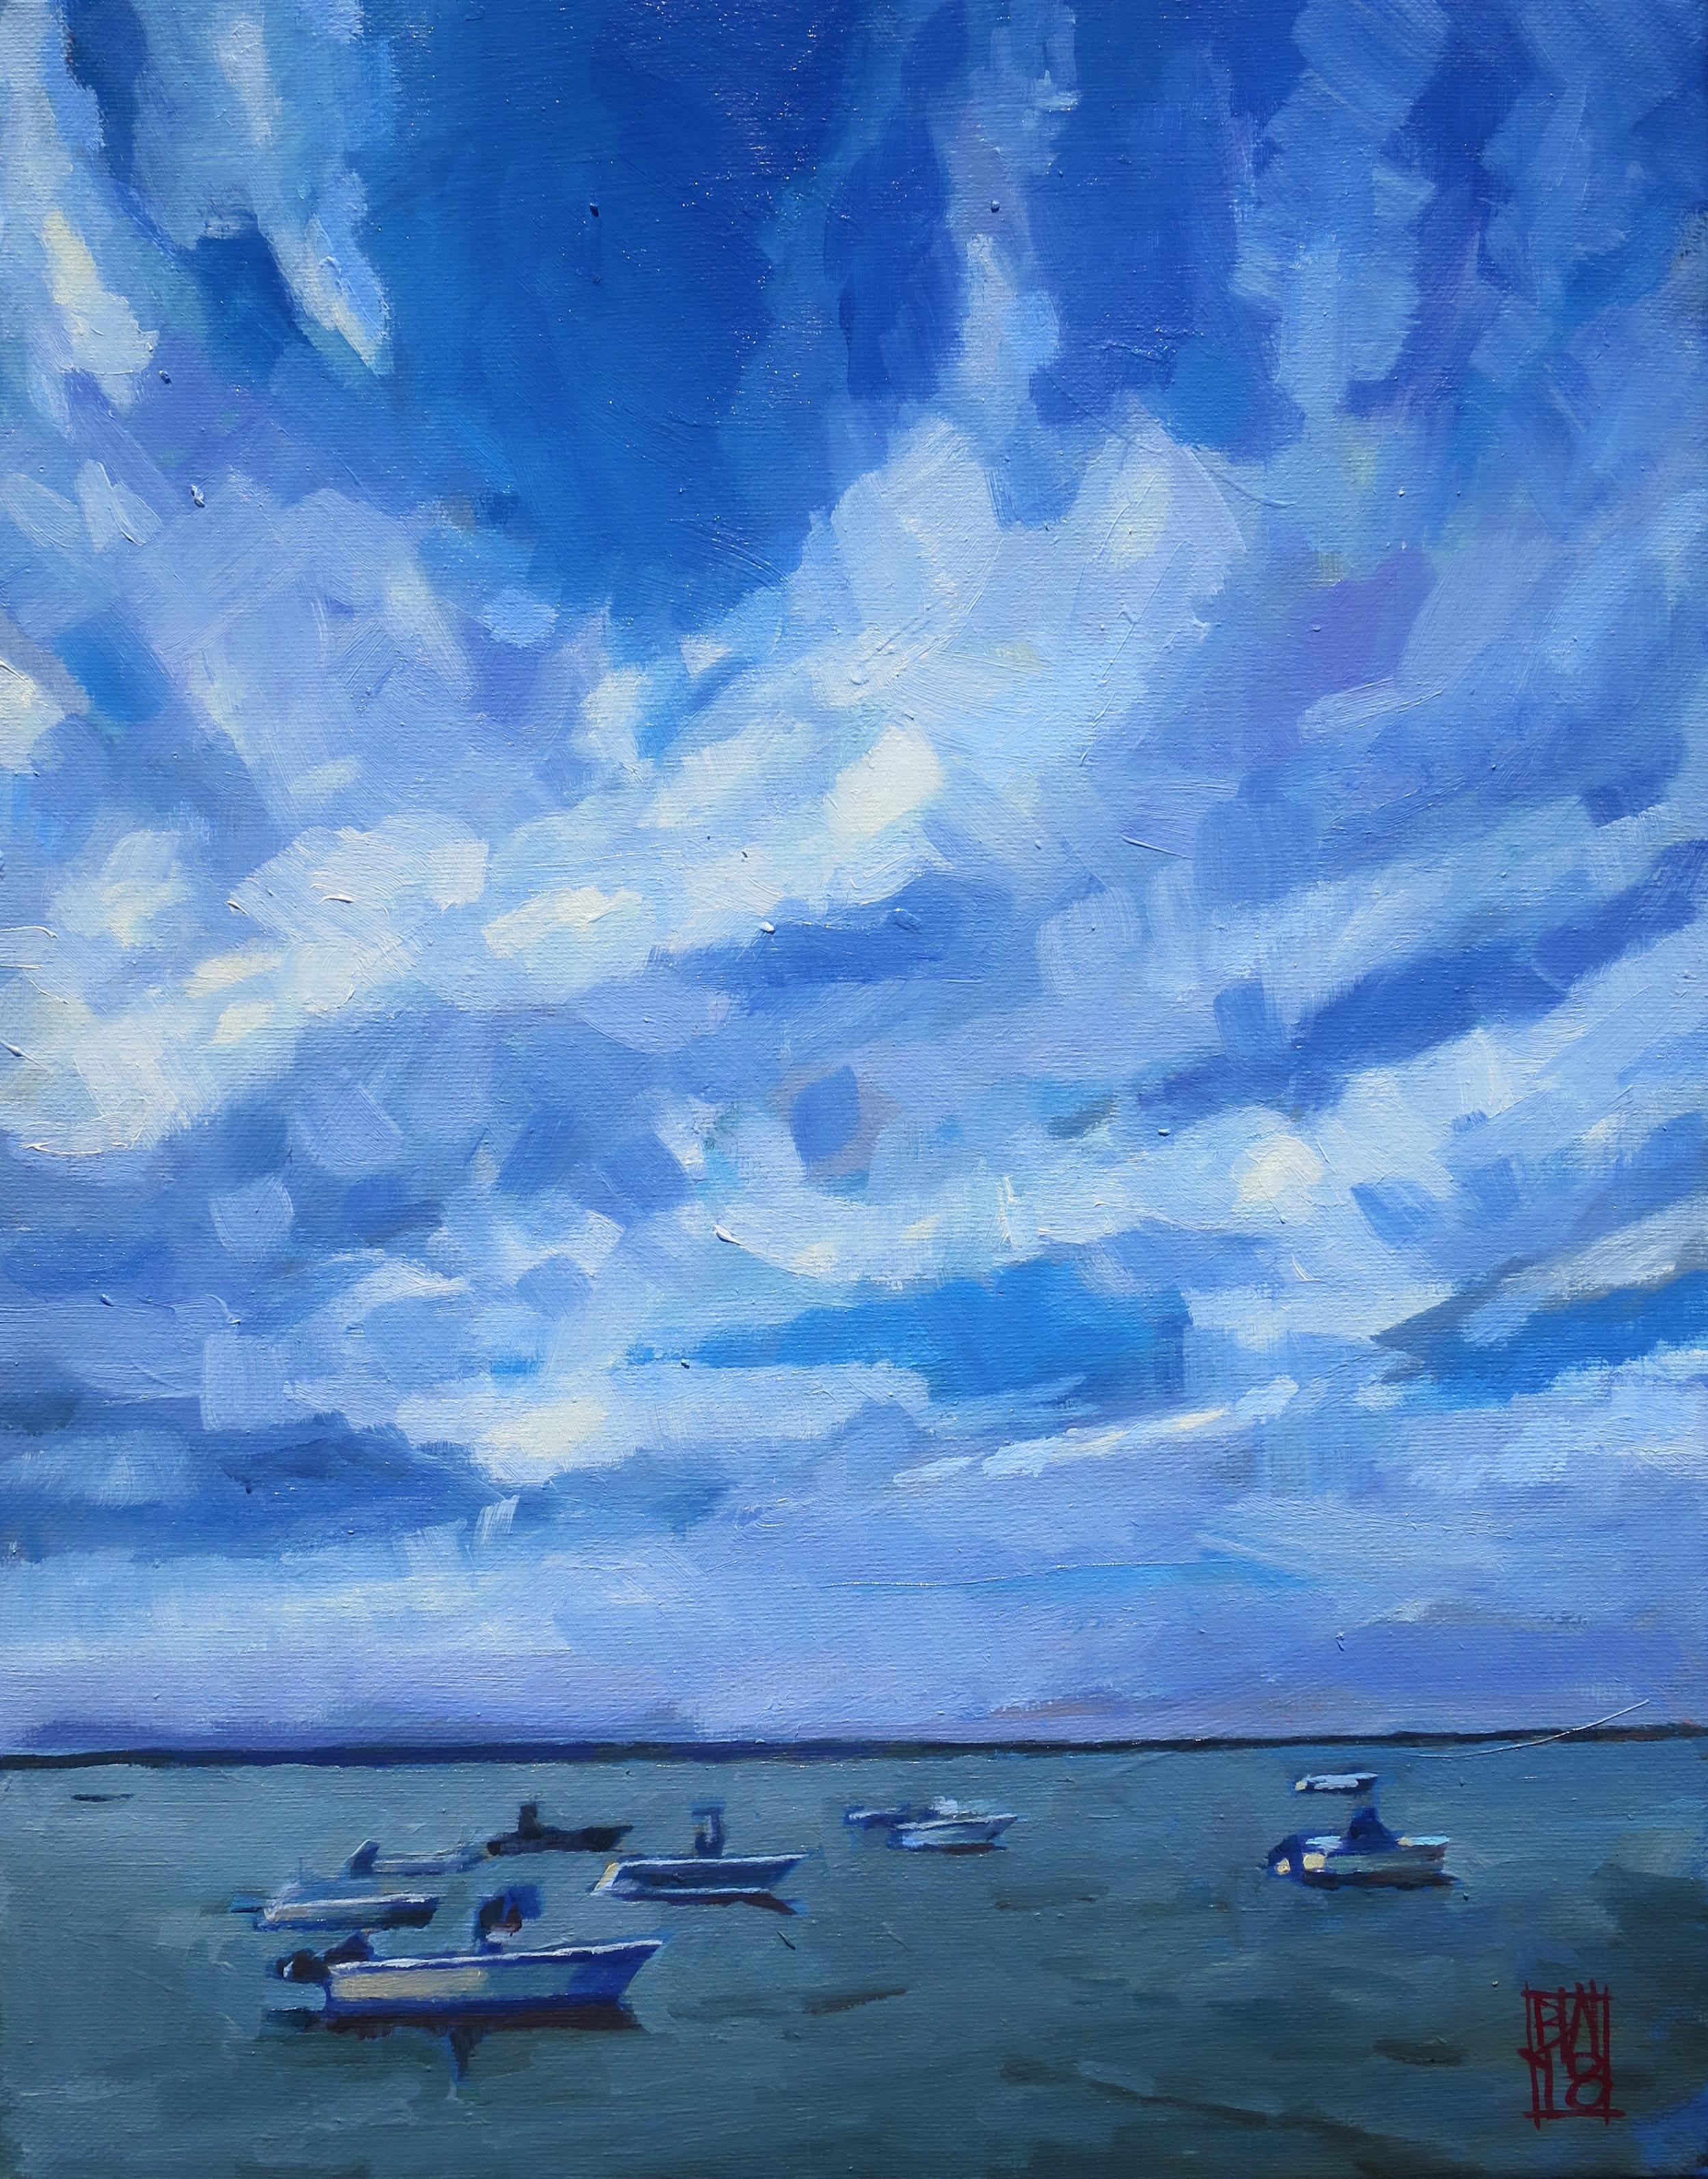 """Boats Beneath a Cloudy Sky, 11"""" x 14"""", oil on canvas"""